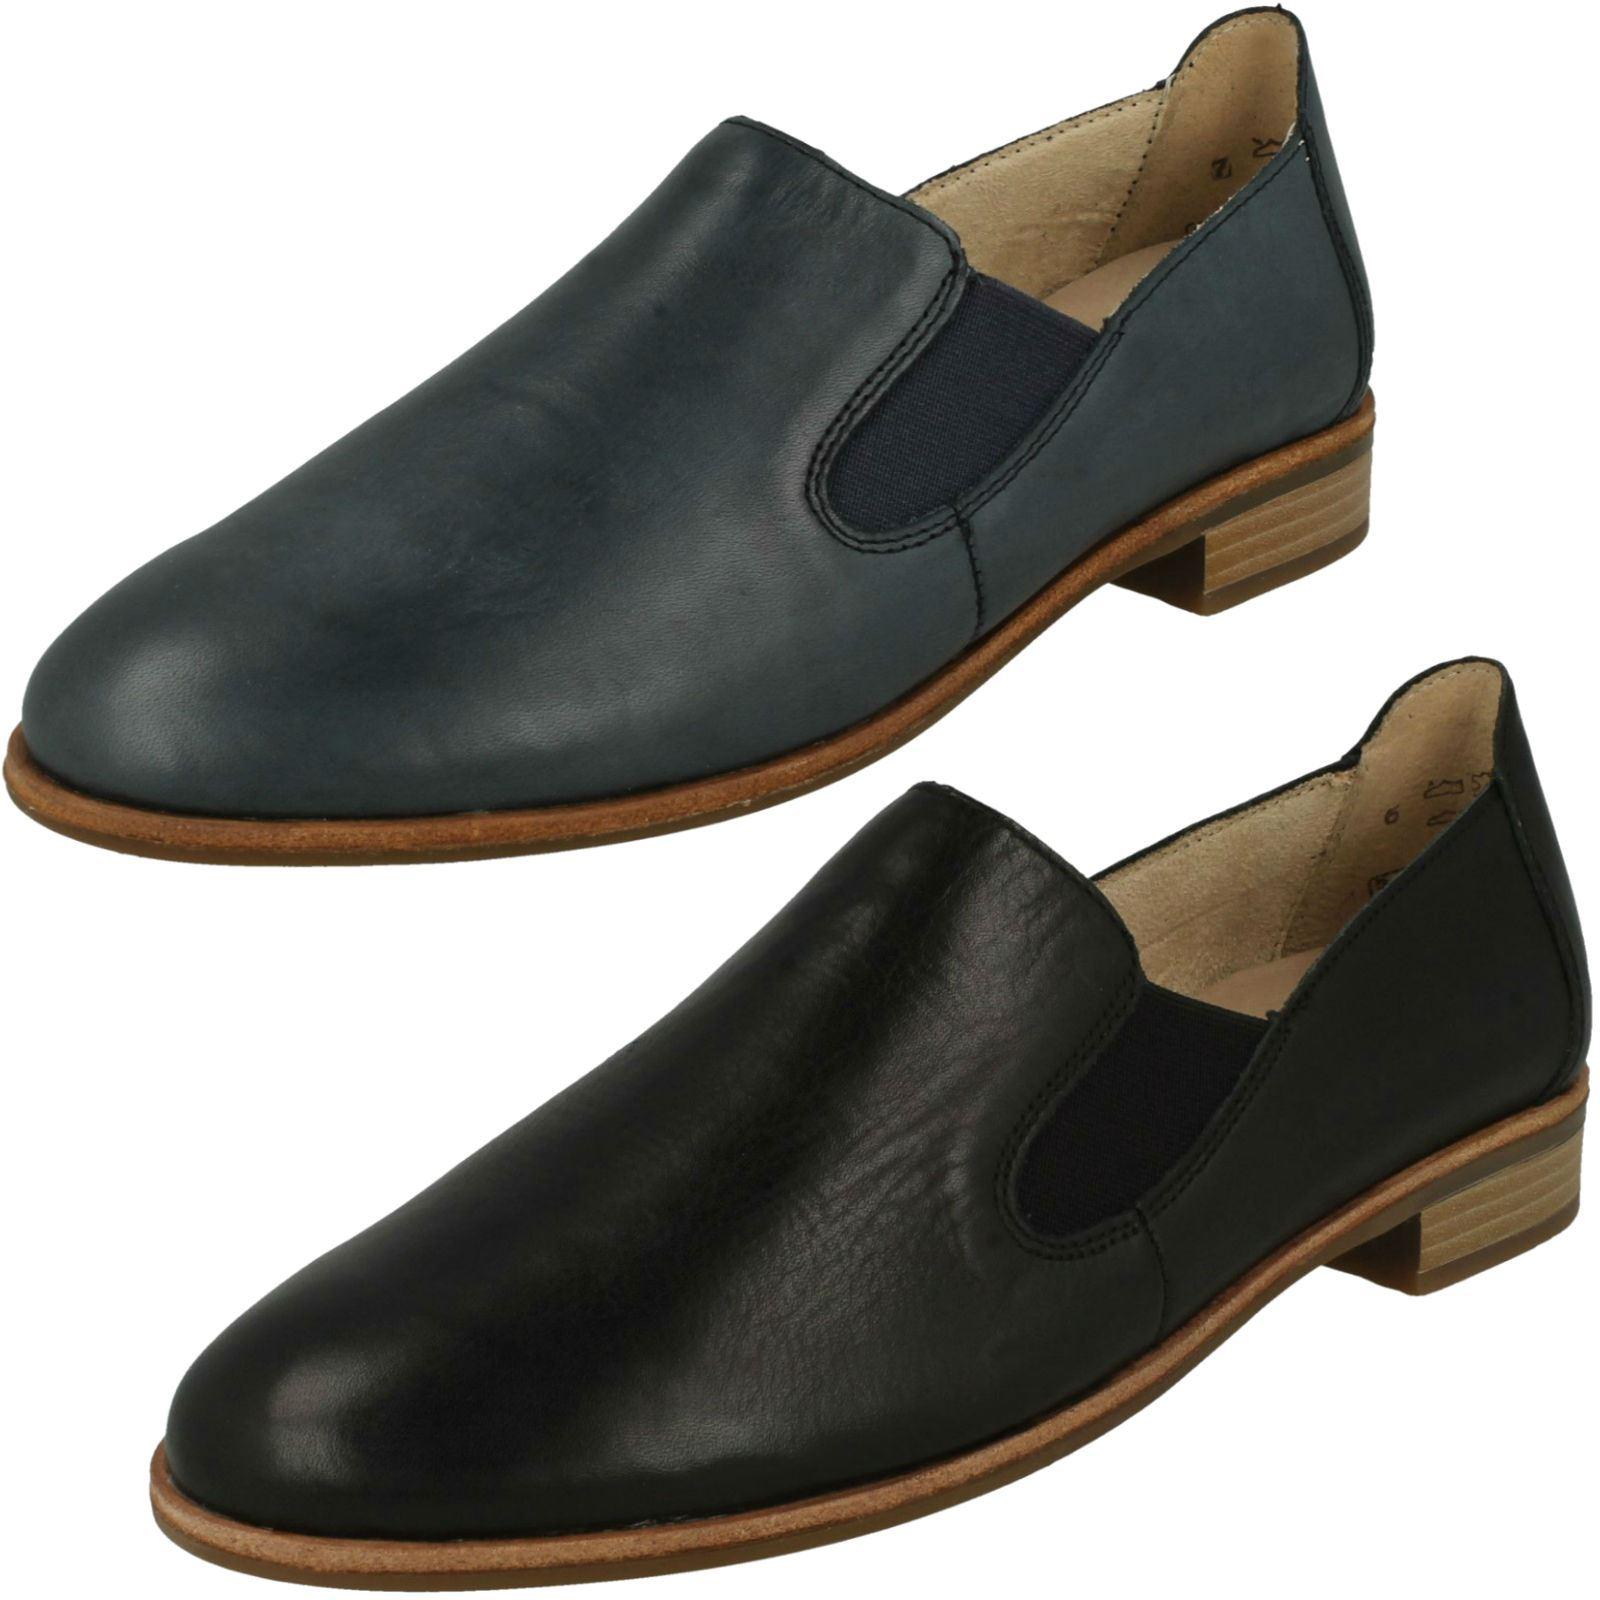 Details zu Remonte soft Damen Schuhe Halbschuh Slipper Trotteur Pumps R2800 22 braun Leder